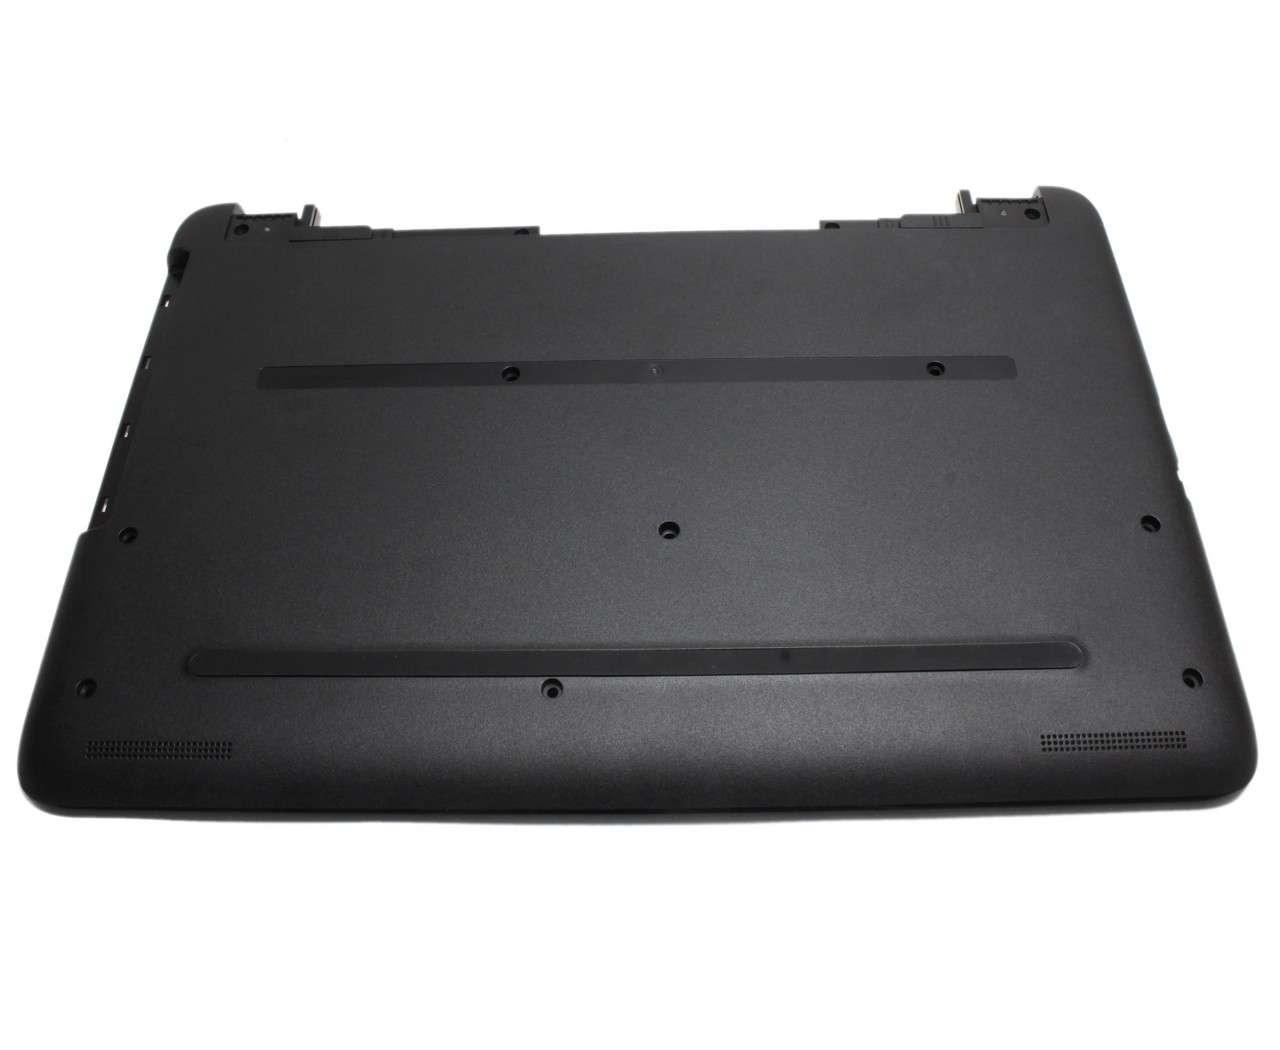 Bottom Case HP 906832-001 Carcasa Inferioara Neagra imagine powerlaptop.ro 2021